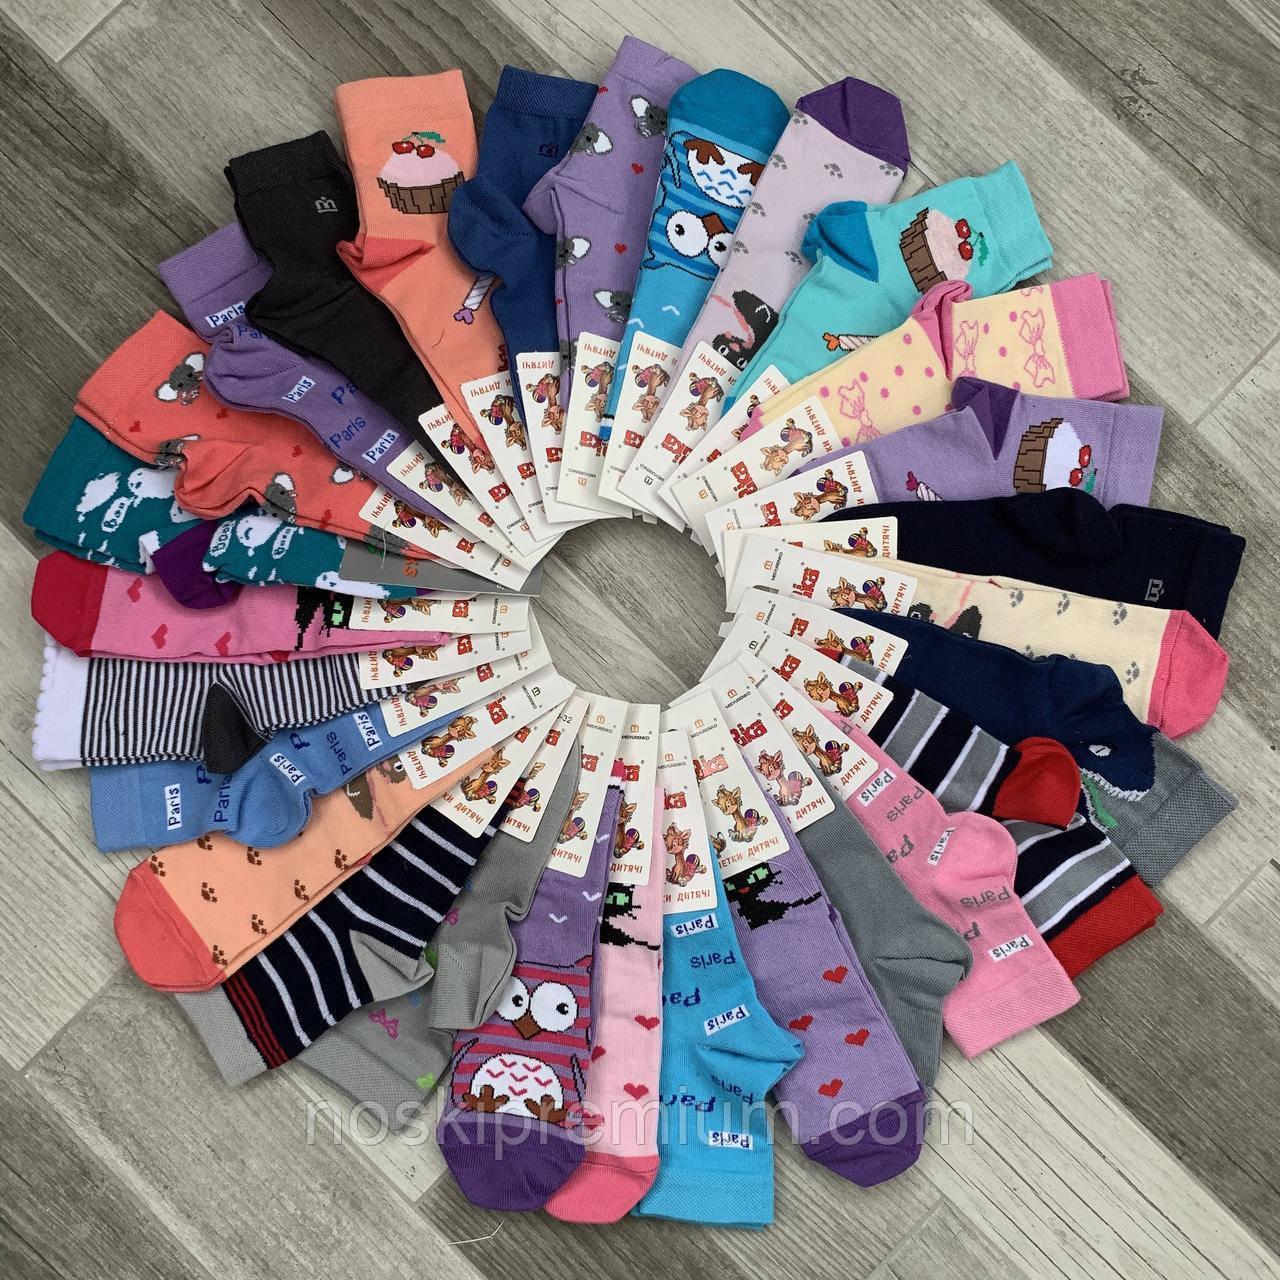 Шкарпетки дитячі демісезонні х/б Місюренко, 15-17, 10 розмір, асорті